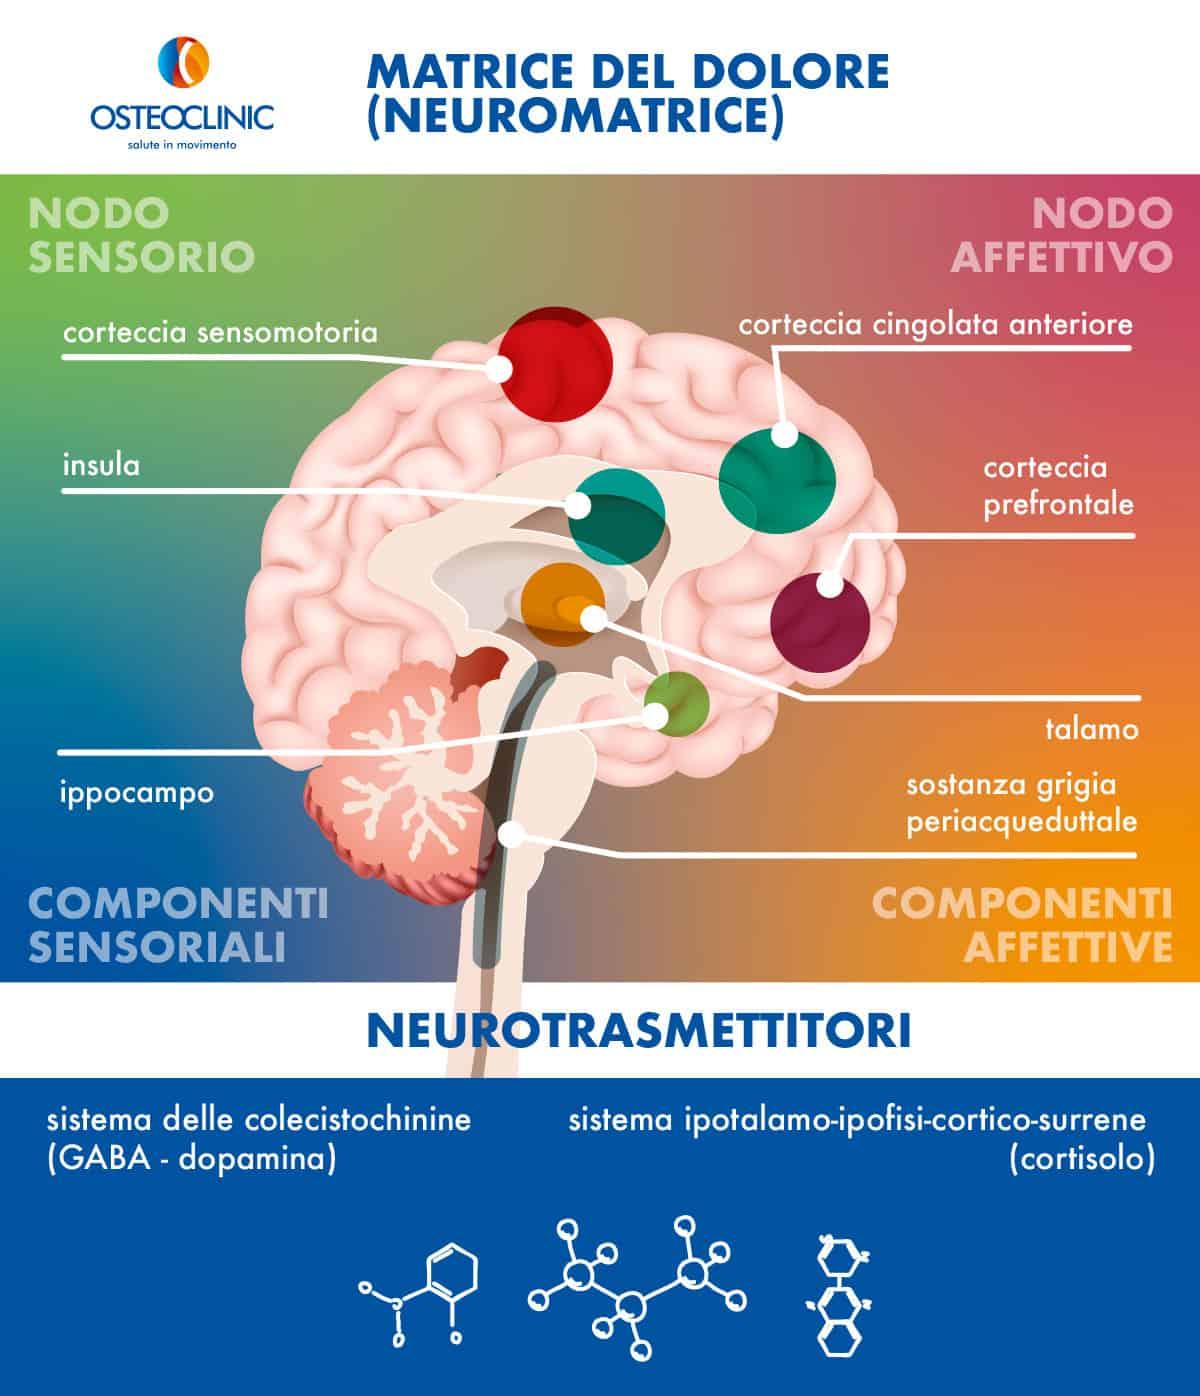 Aree corticali e neurotrasmettitori del dolore